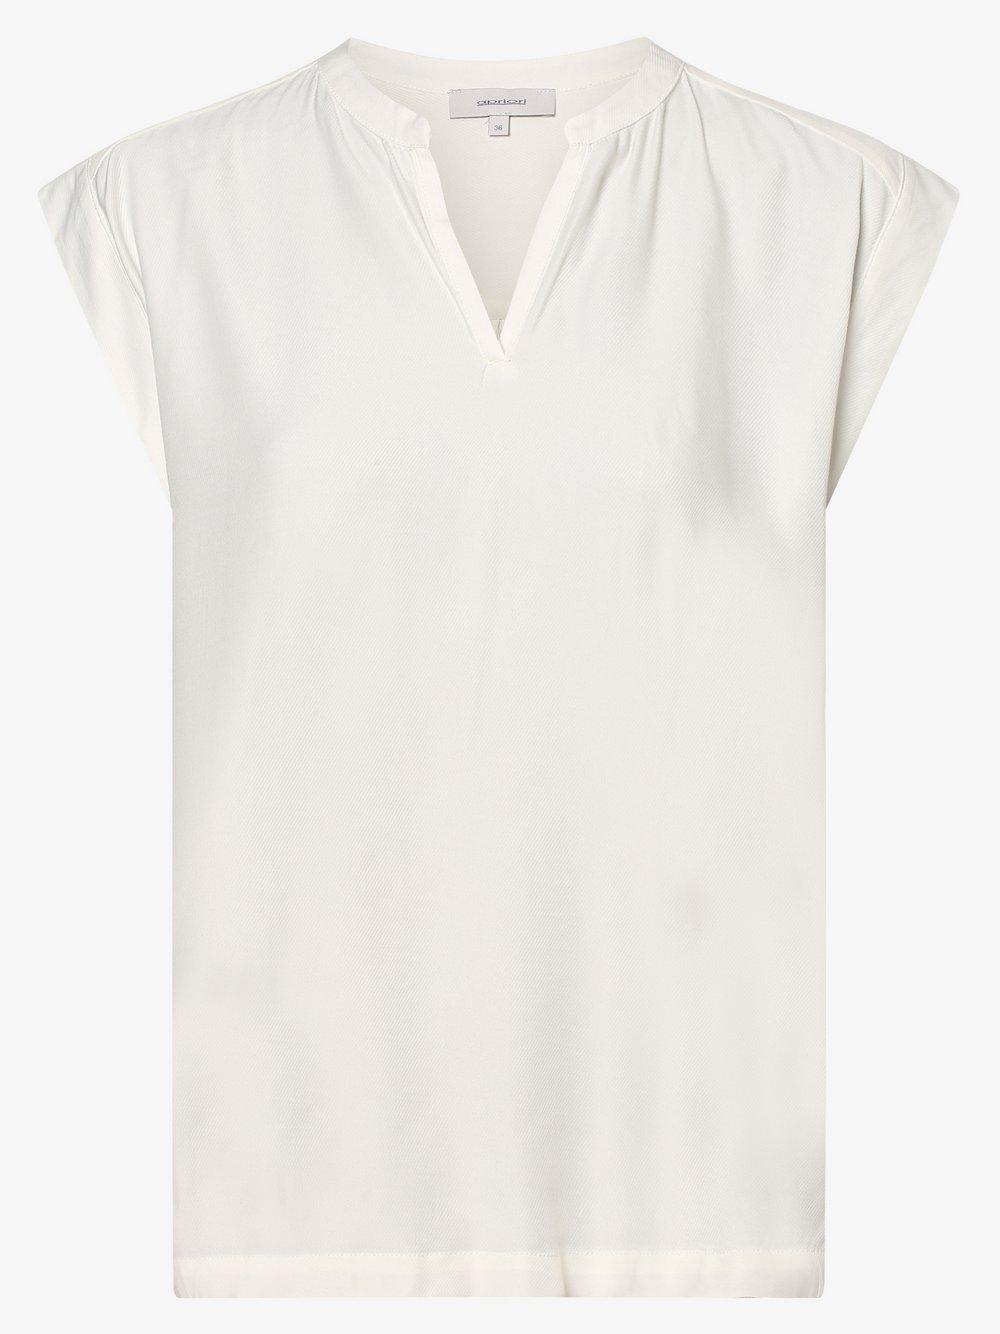 Apriori – Bluzka damska, biały Van Graaf 474736-0001-00380